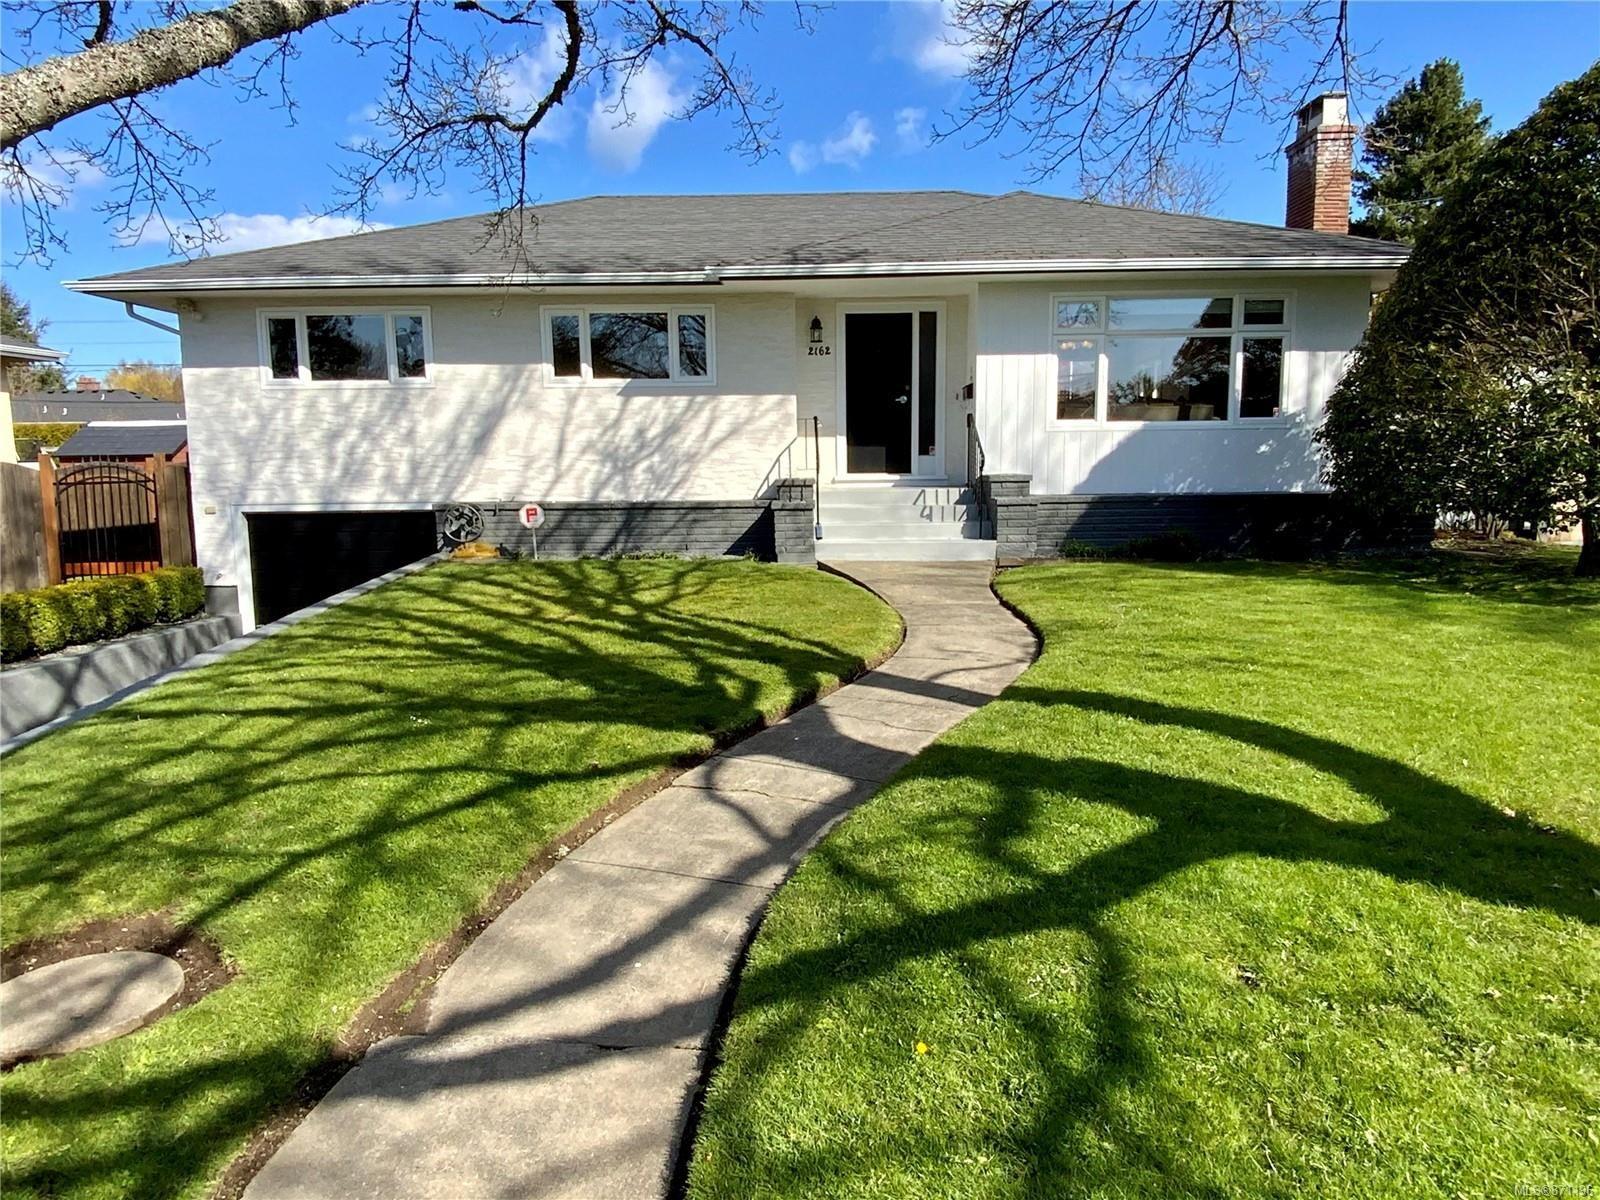 Main Photo: 2162 Allenby St in : OB Henderson House for sale (Oak Bay)  : MLS®# 871196